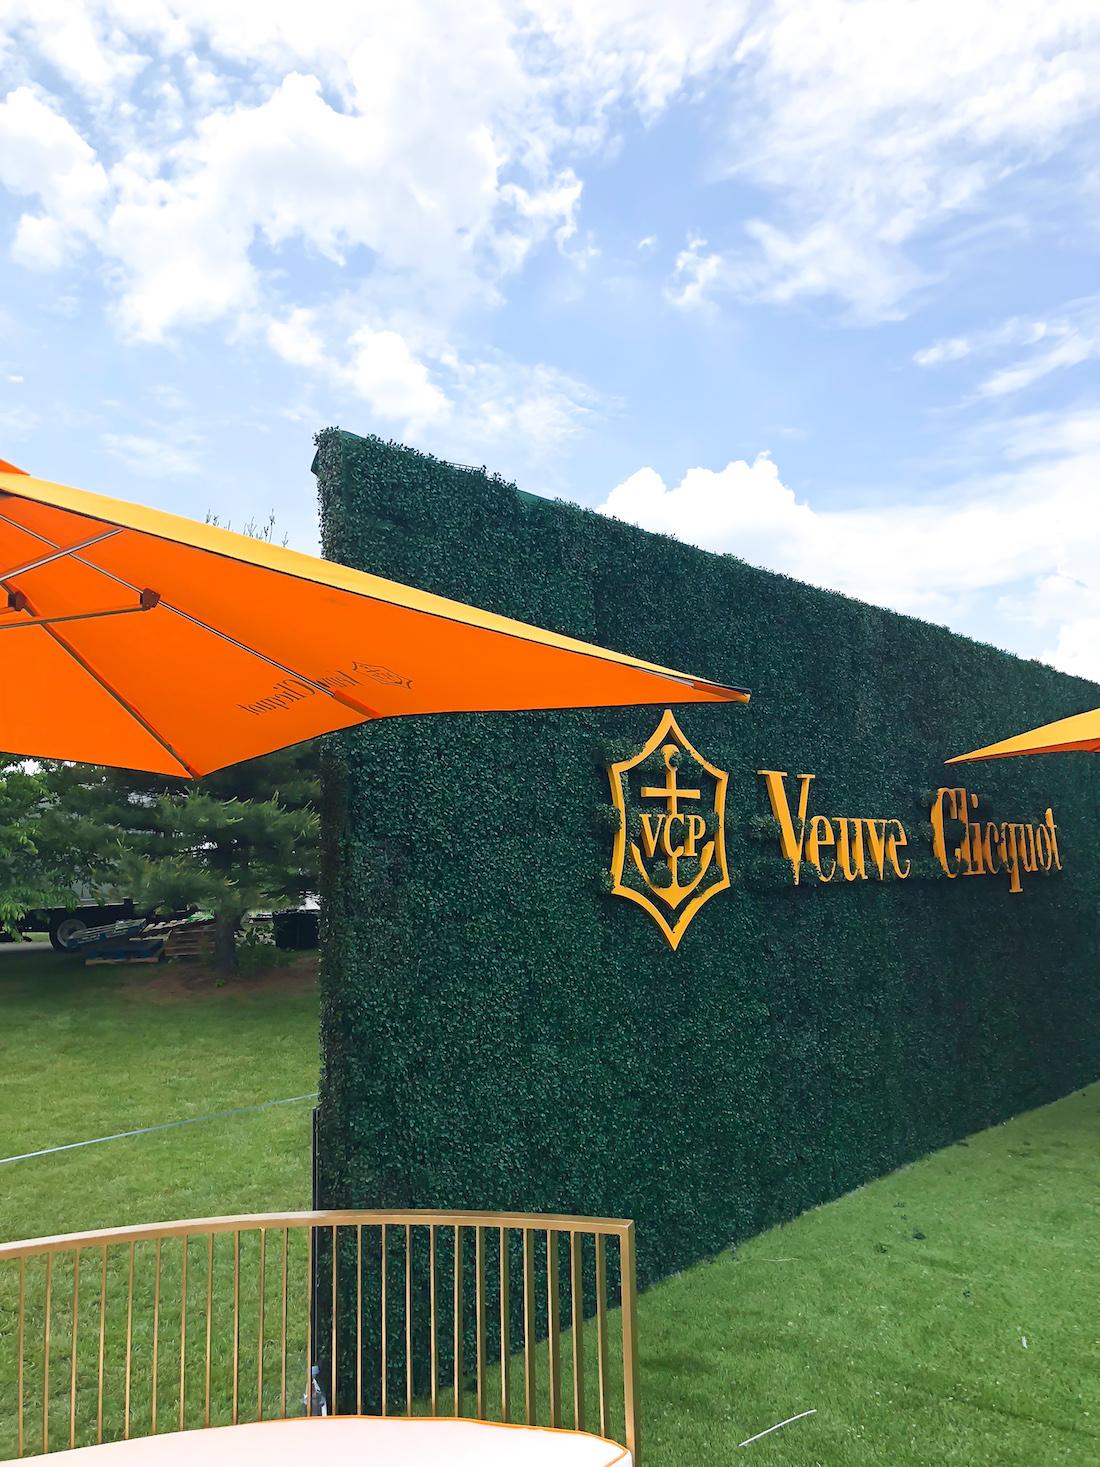 Veuve Clicquot Polo Classic 2018 - The Stripe